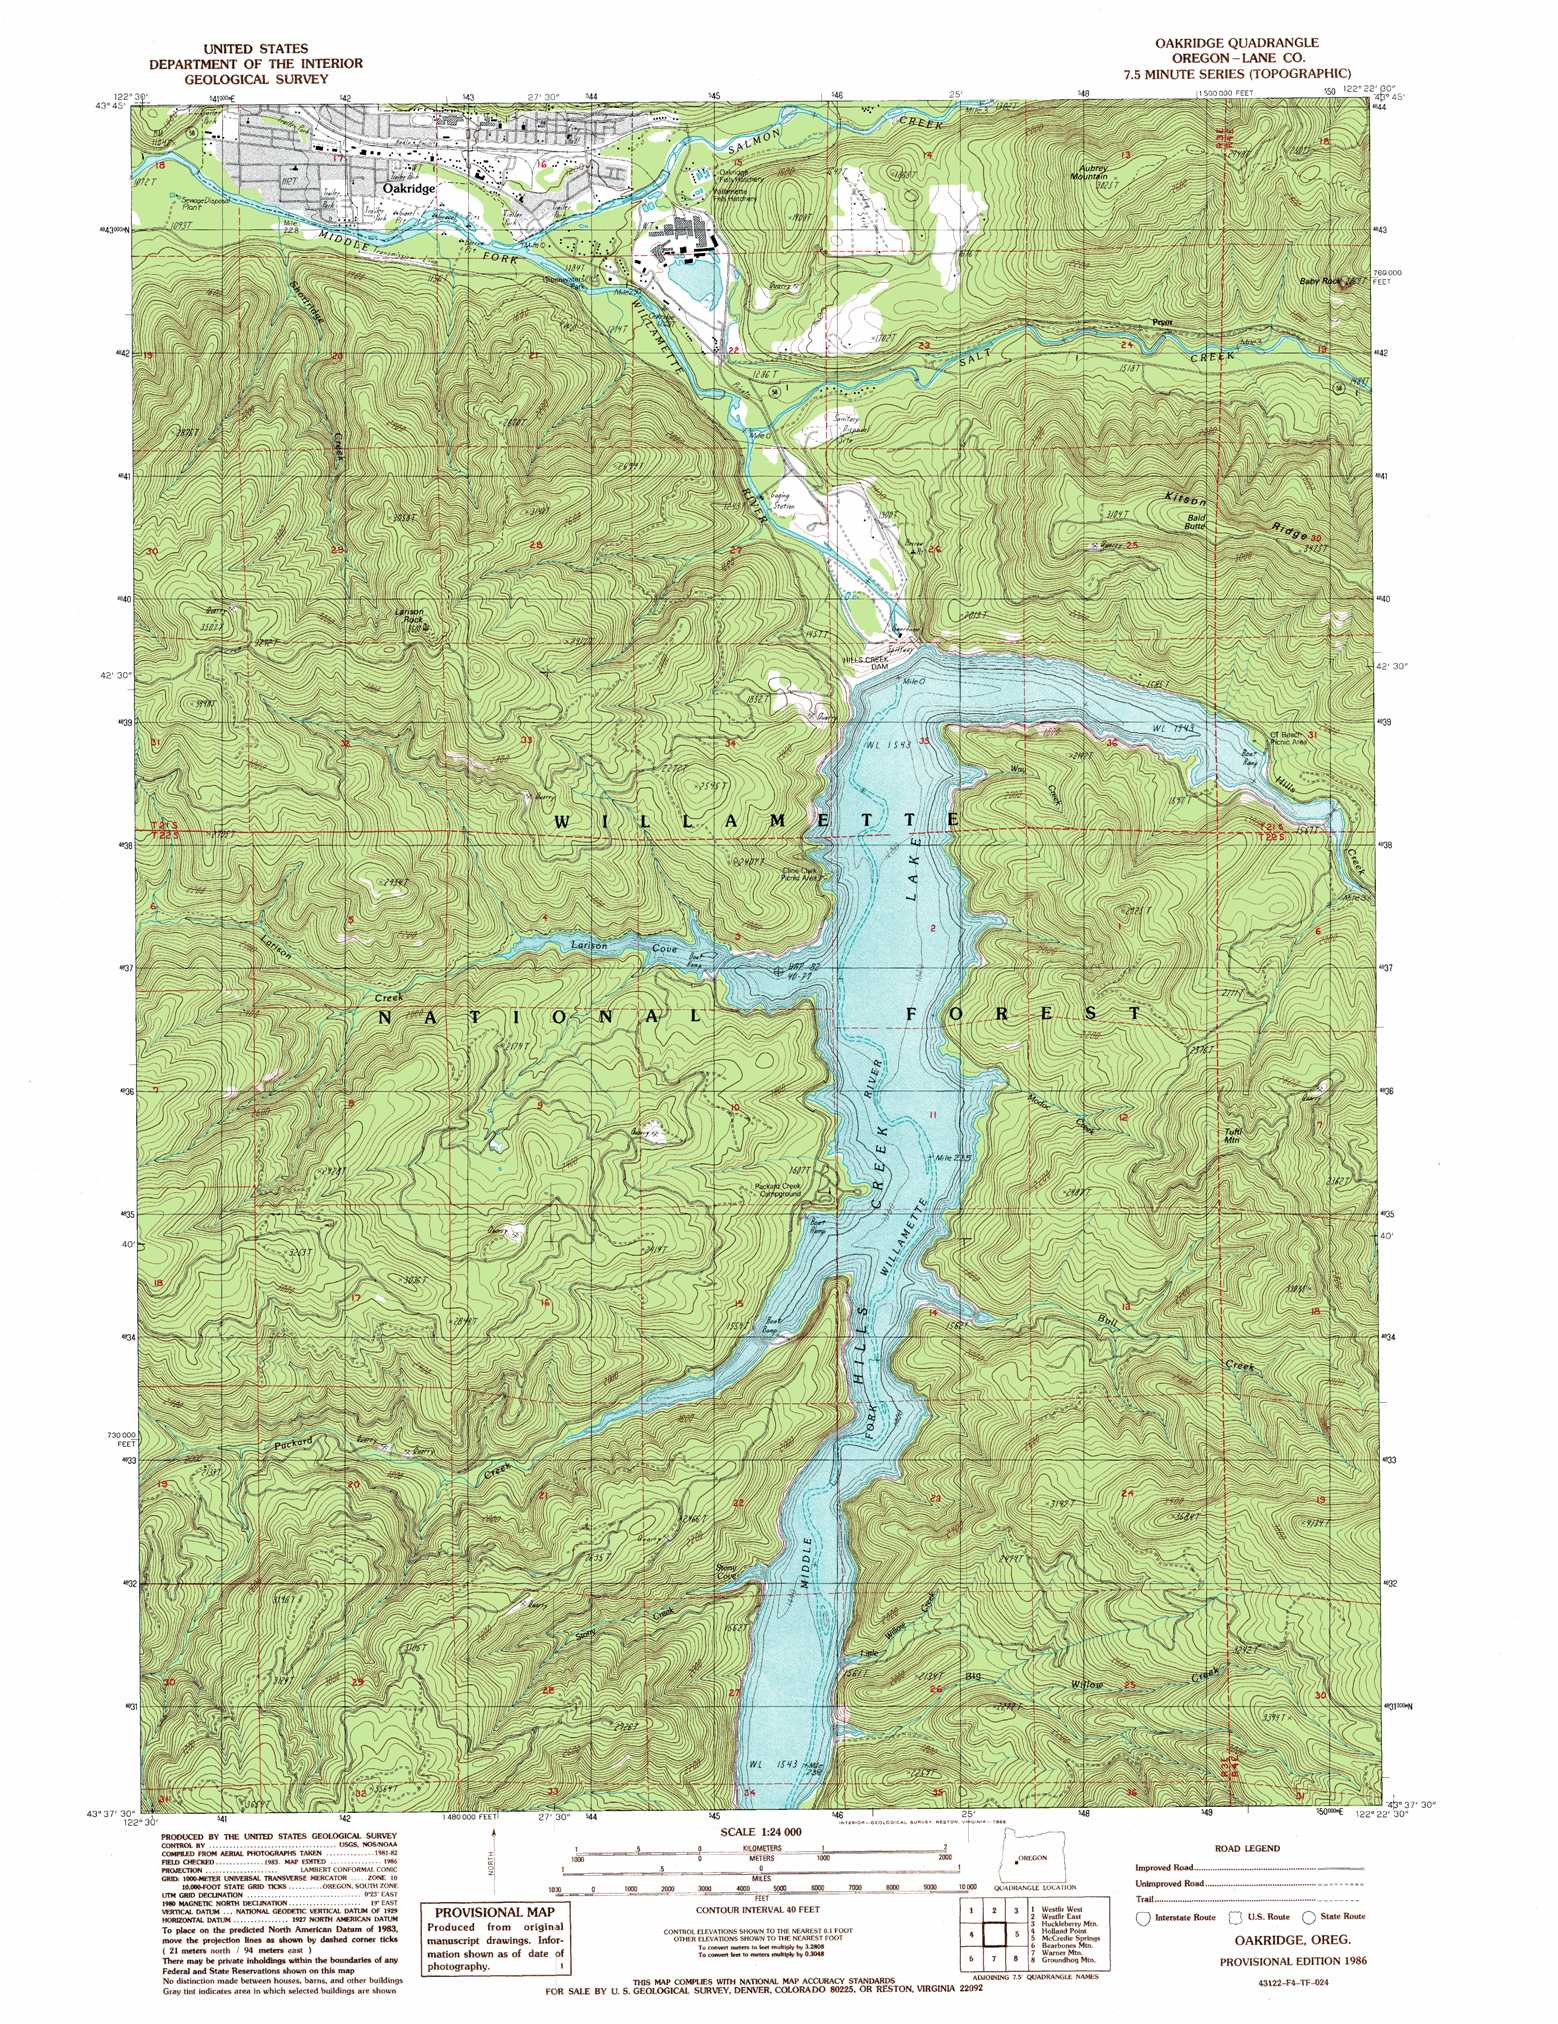 Oakridge topographic map OR  USGS Topo Quad 43122f4